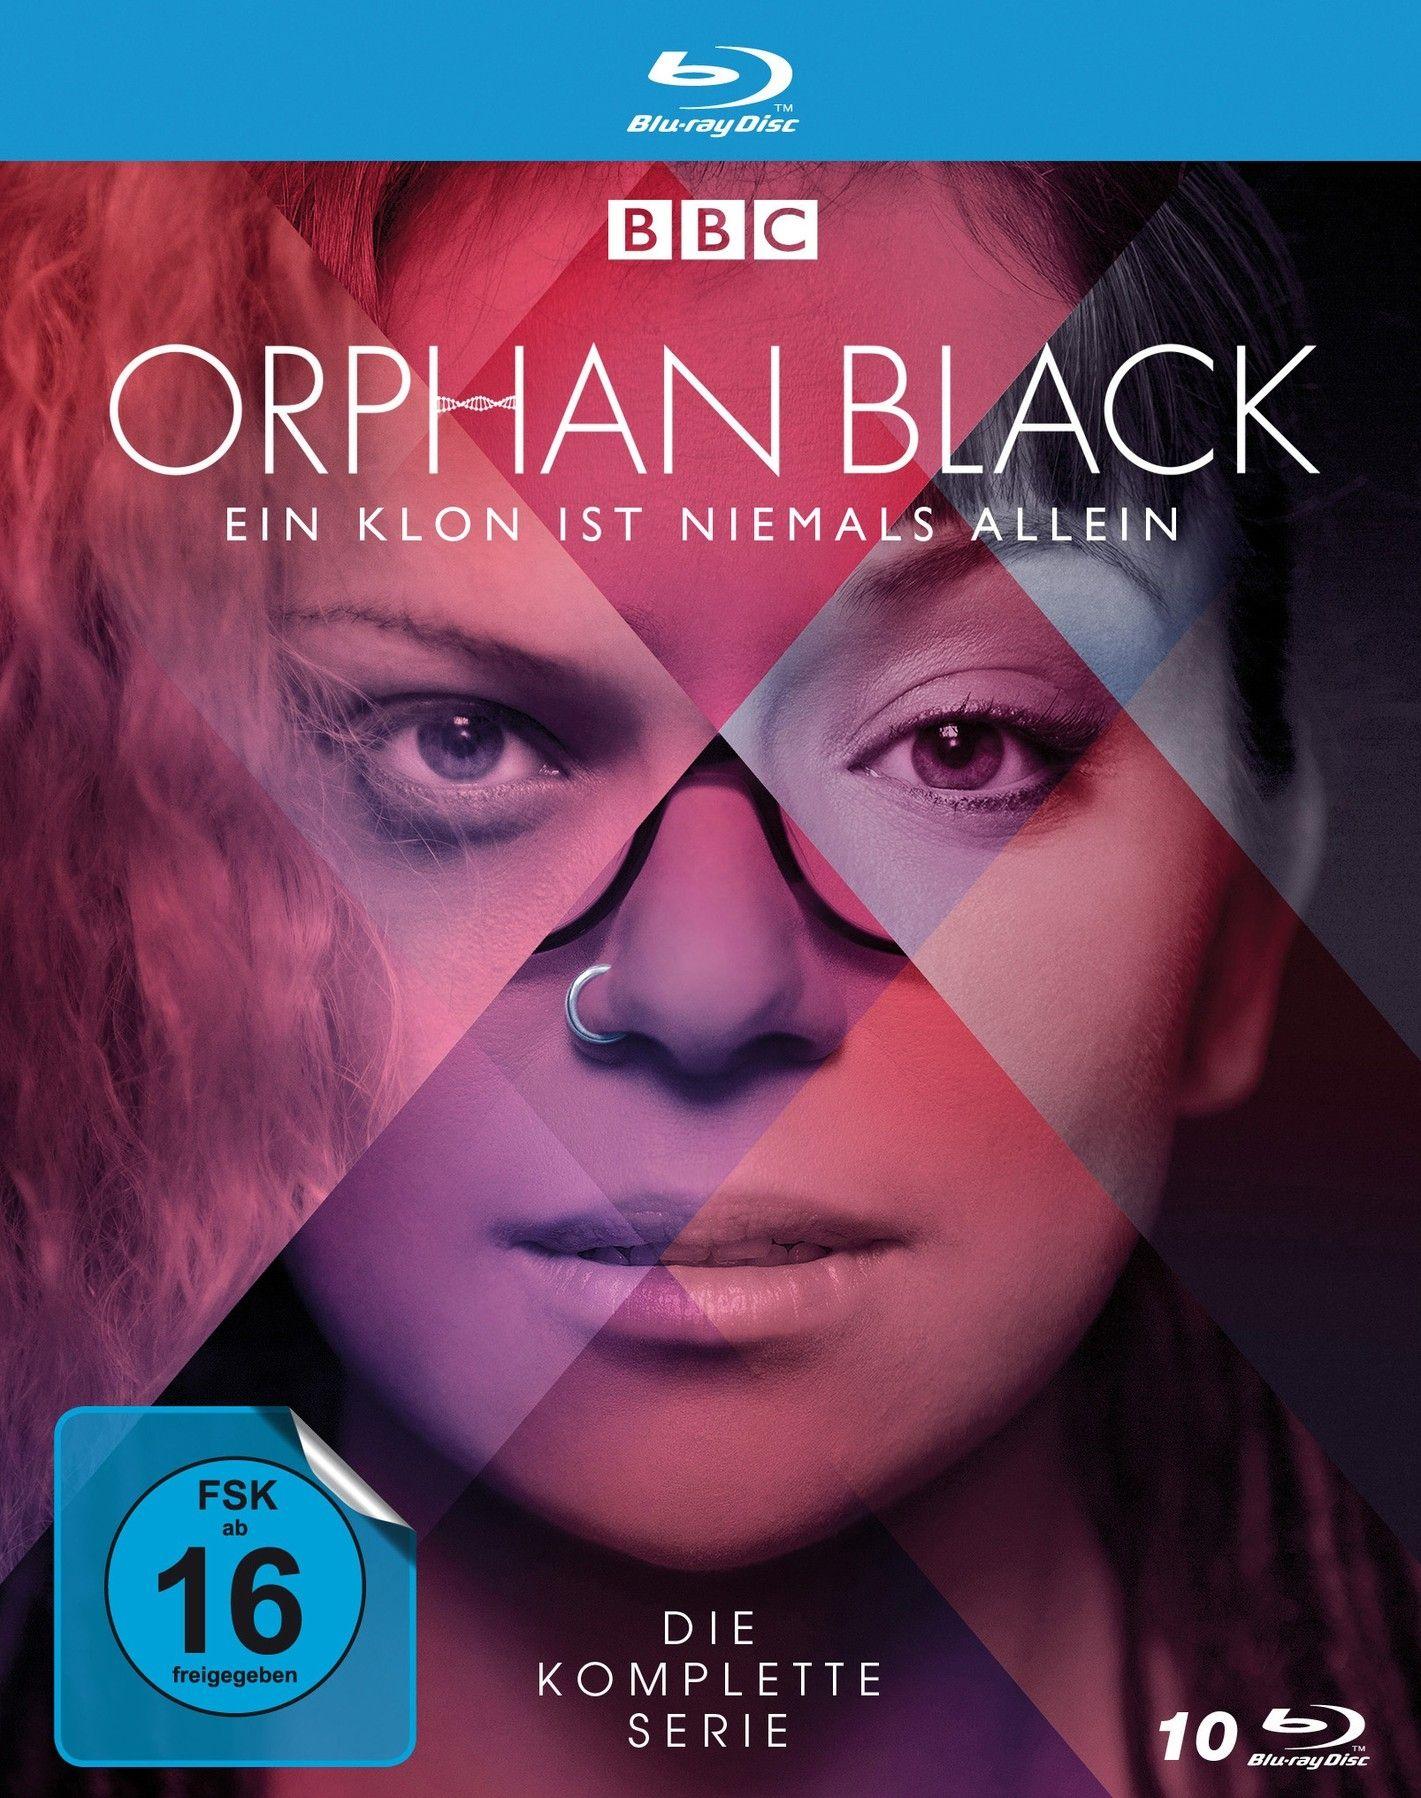 Orphan Black - Ein Klon ist niemals allein - Die komplette Serie (10 Discs) (BLURAY)